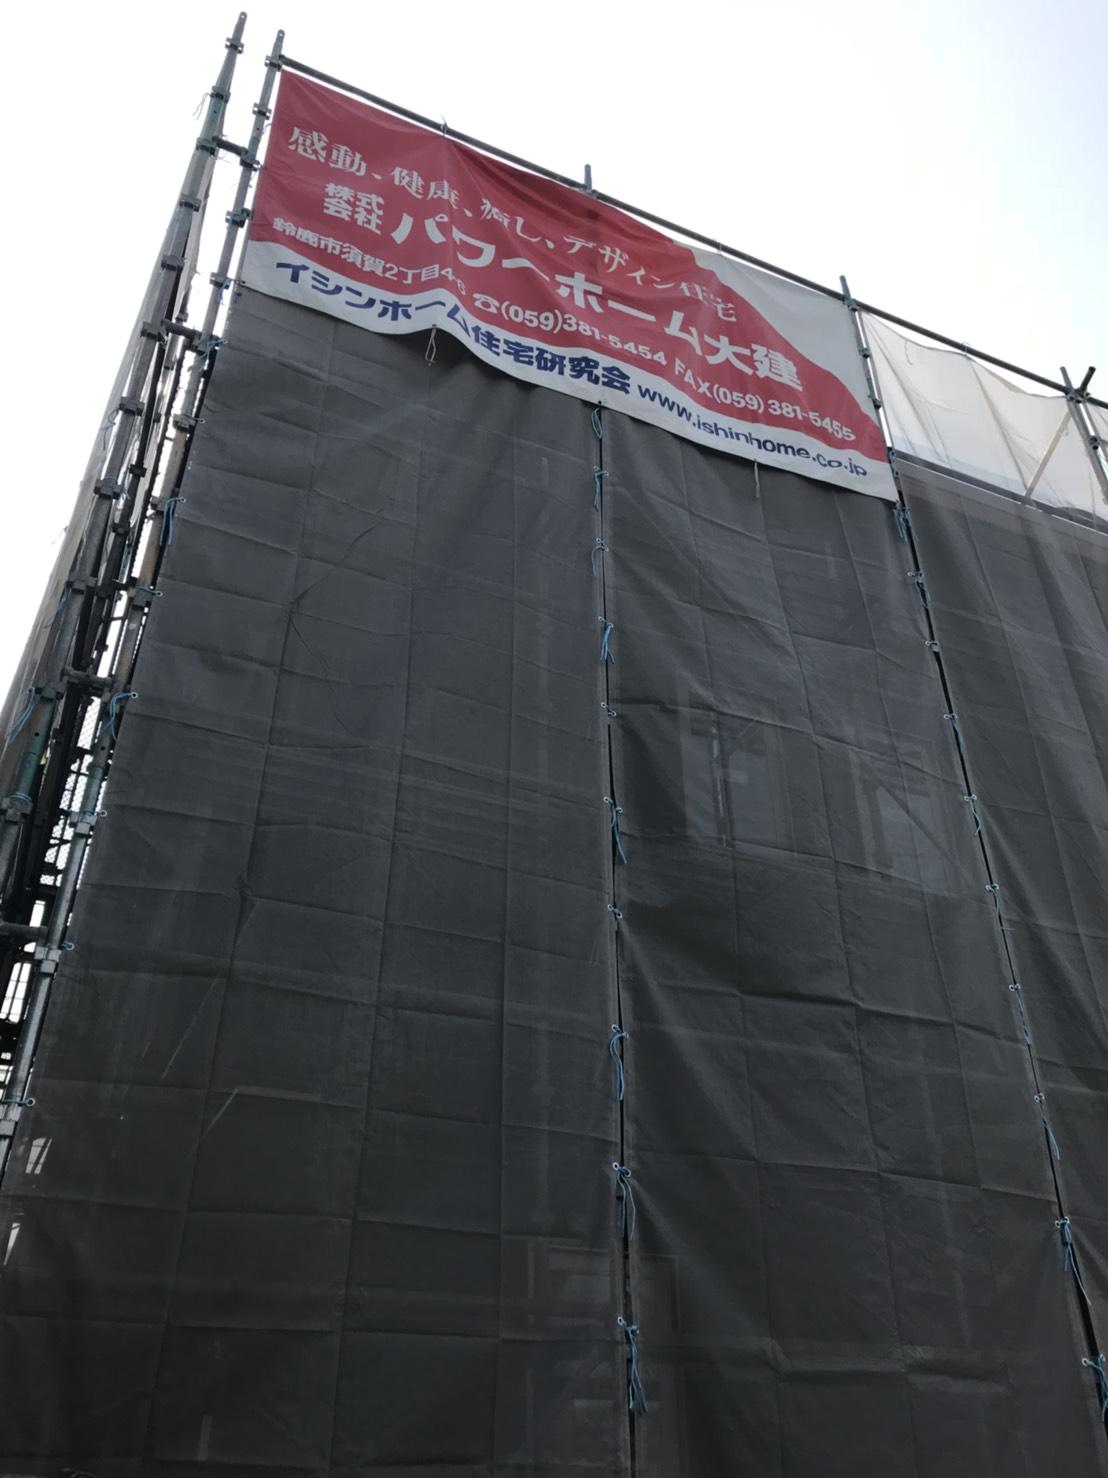 三重県鈴鹿市の工務店 ㈱パワーホーム大建です。